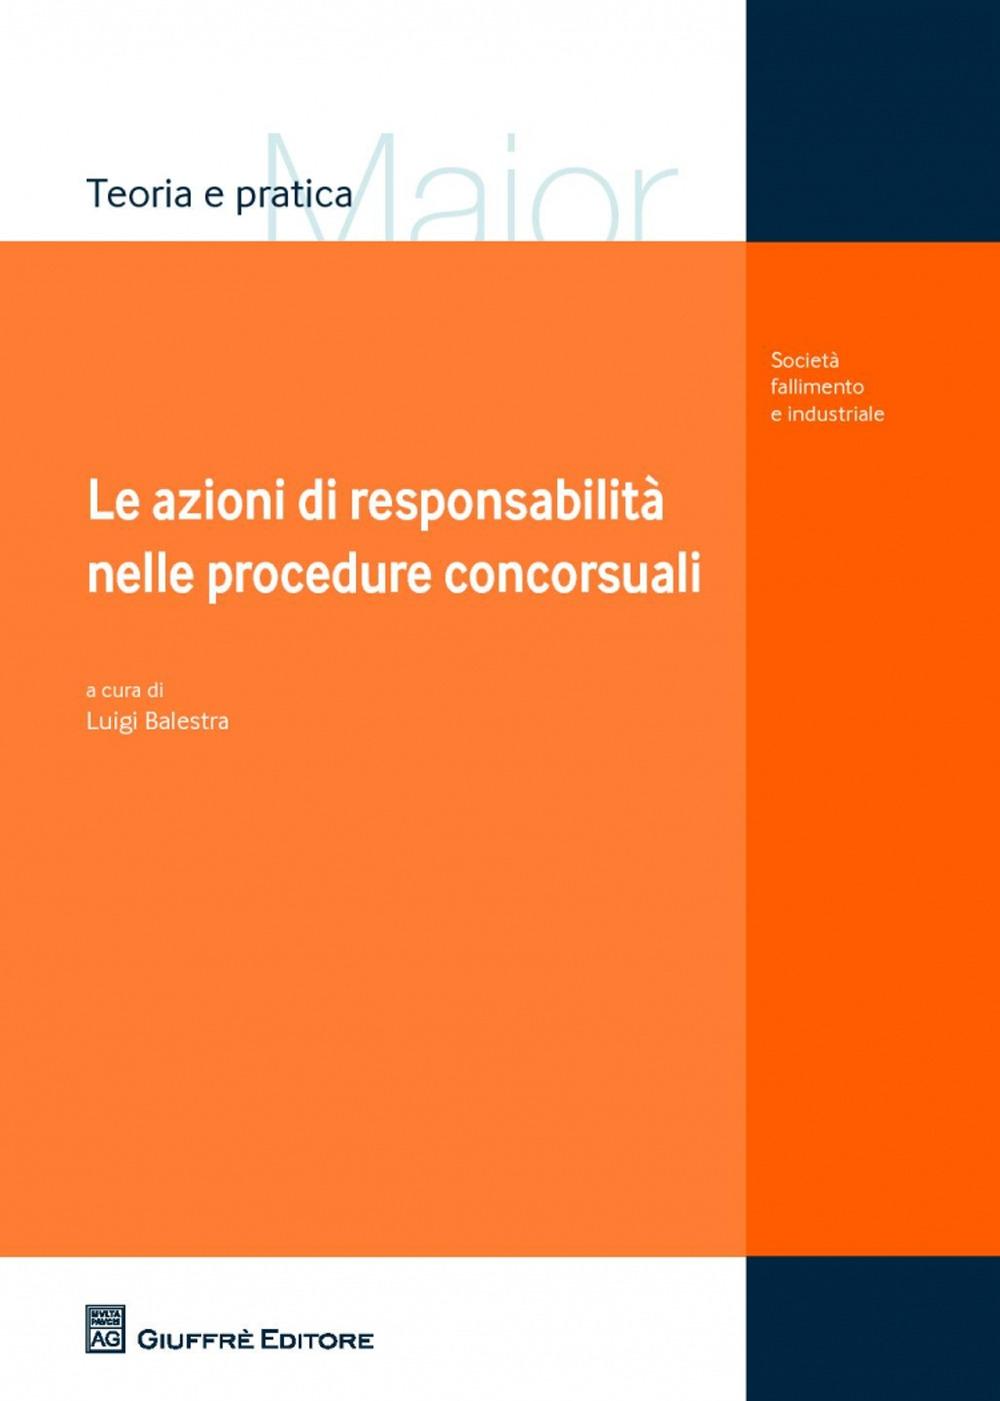 Le azioni di responsabilità nelle procedure concorsuali.